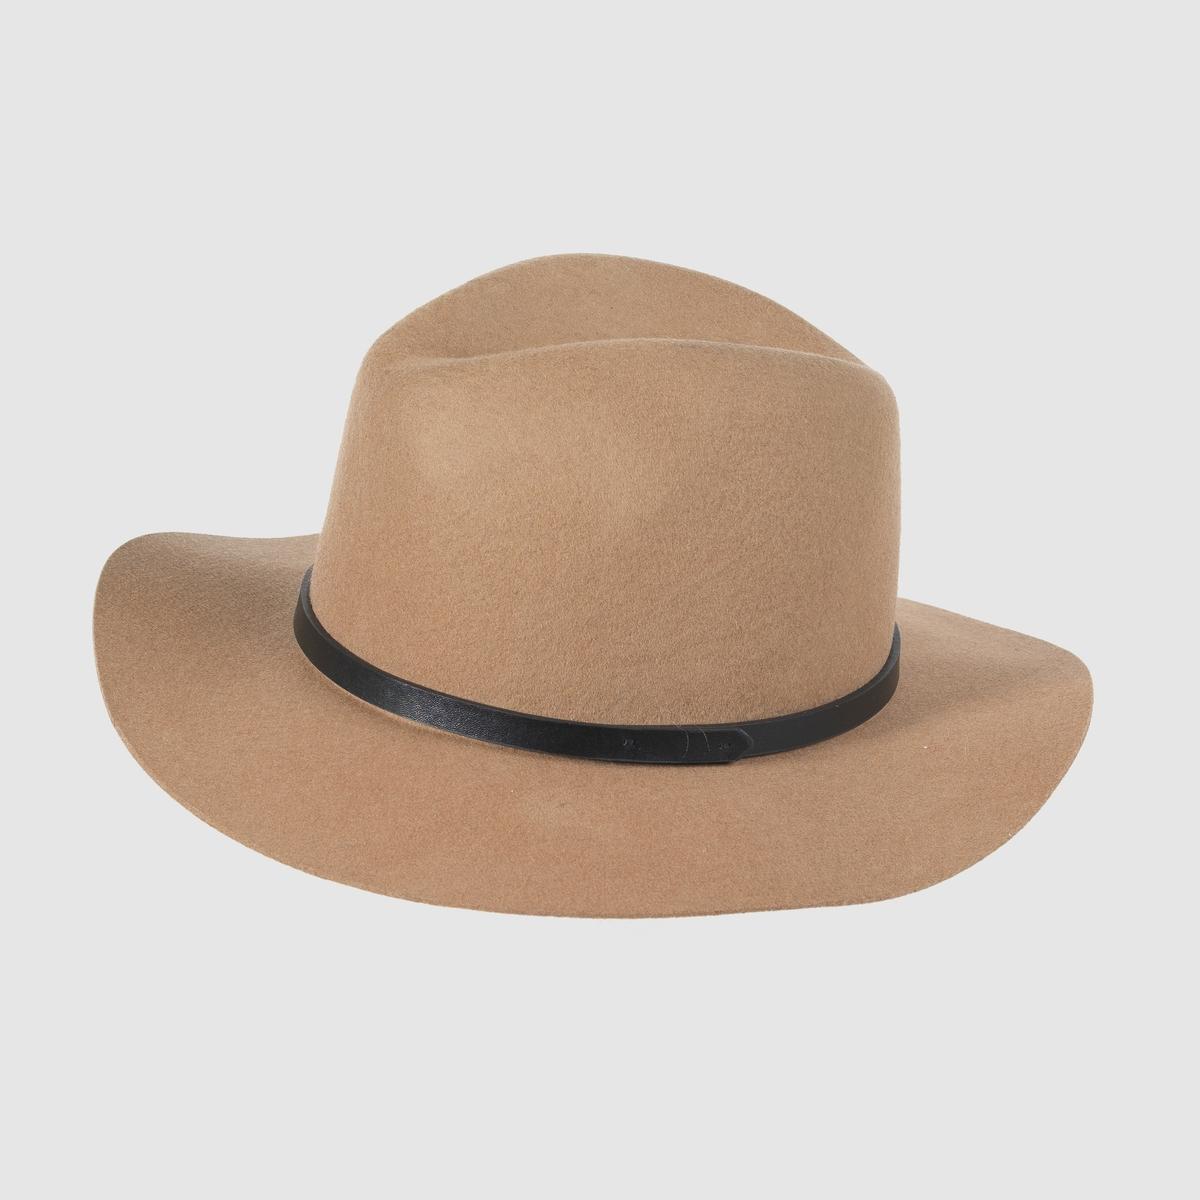 Шляпа из шерстиШляпа из шерсти, Atelier R .На самом пике моды, эта шляпа из шерсти придаст стильную нотку вашим прогулочным нарядам  !  Состав : 100% шерсти<br><br>Цвет: зеленый,темно-бежевый,черный